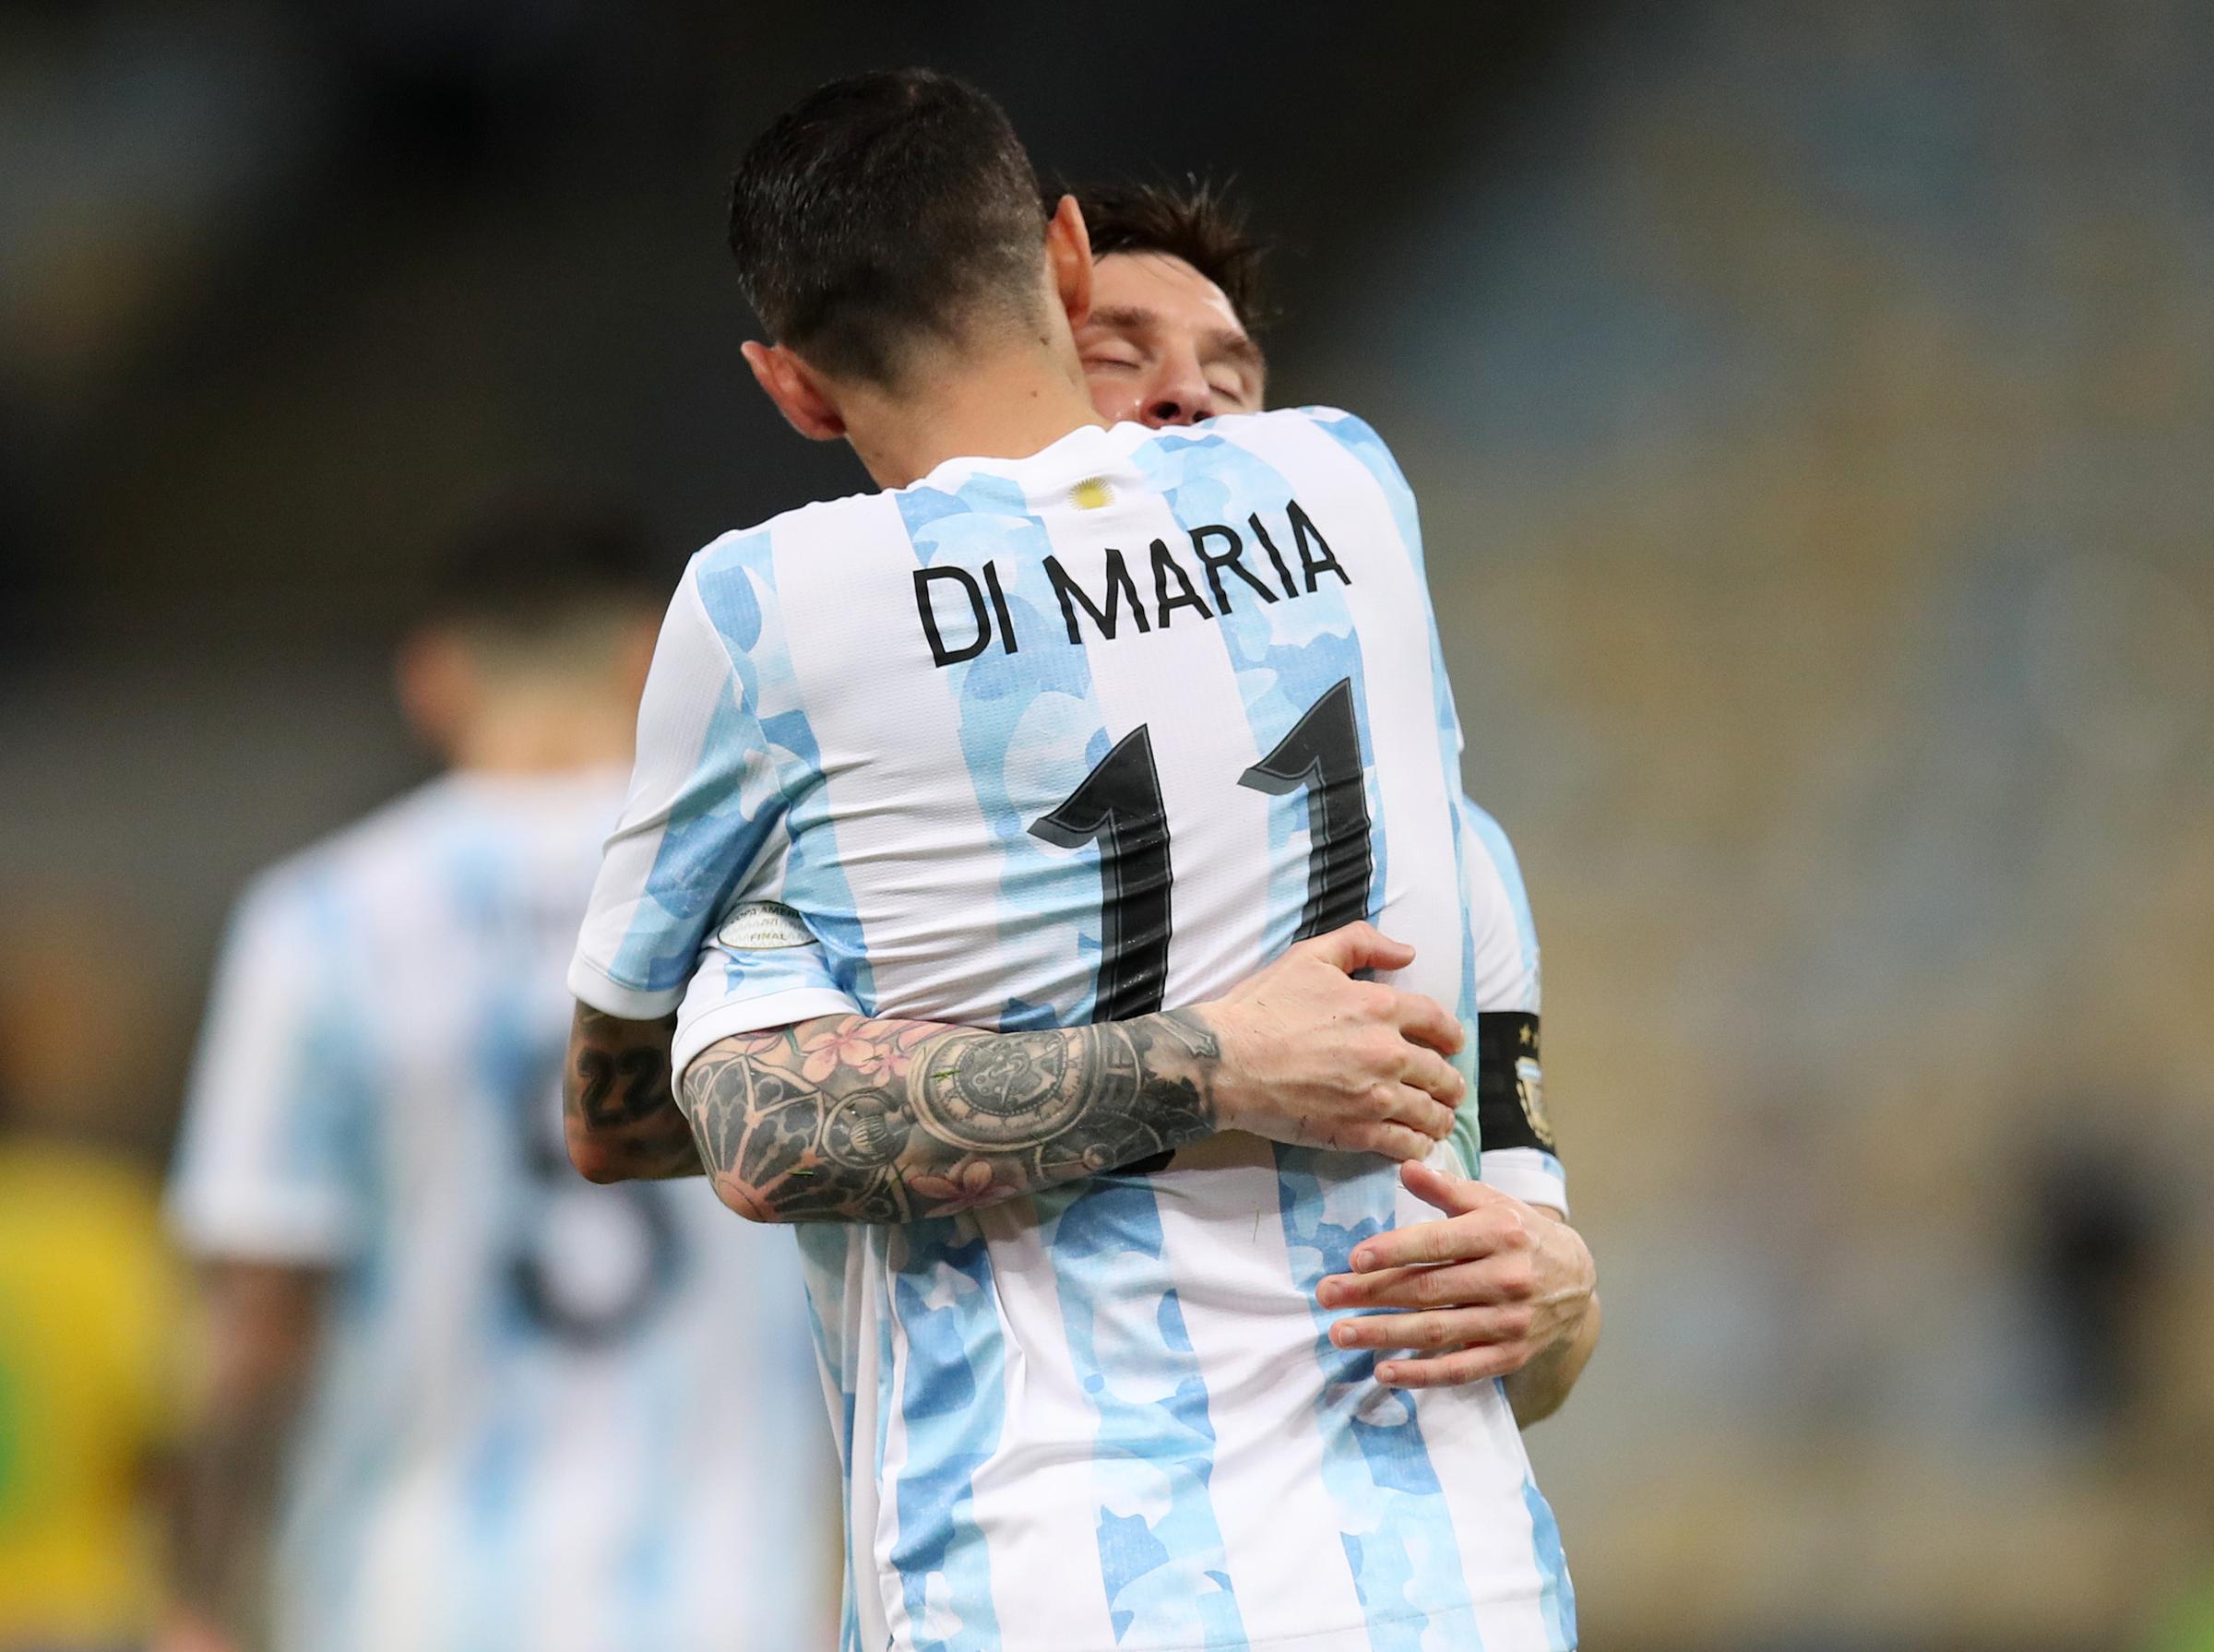 Messi ôm chầm lấy Di Maria ngay sau tiếng còi tan trận trên sân Maracana. Ảnh: AFP